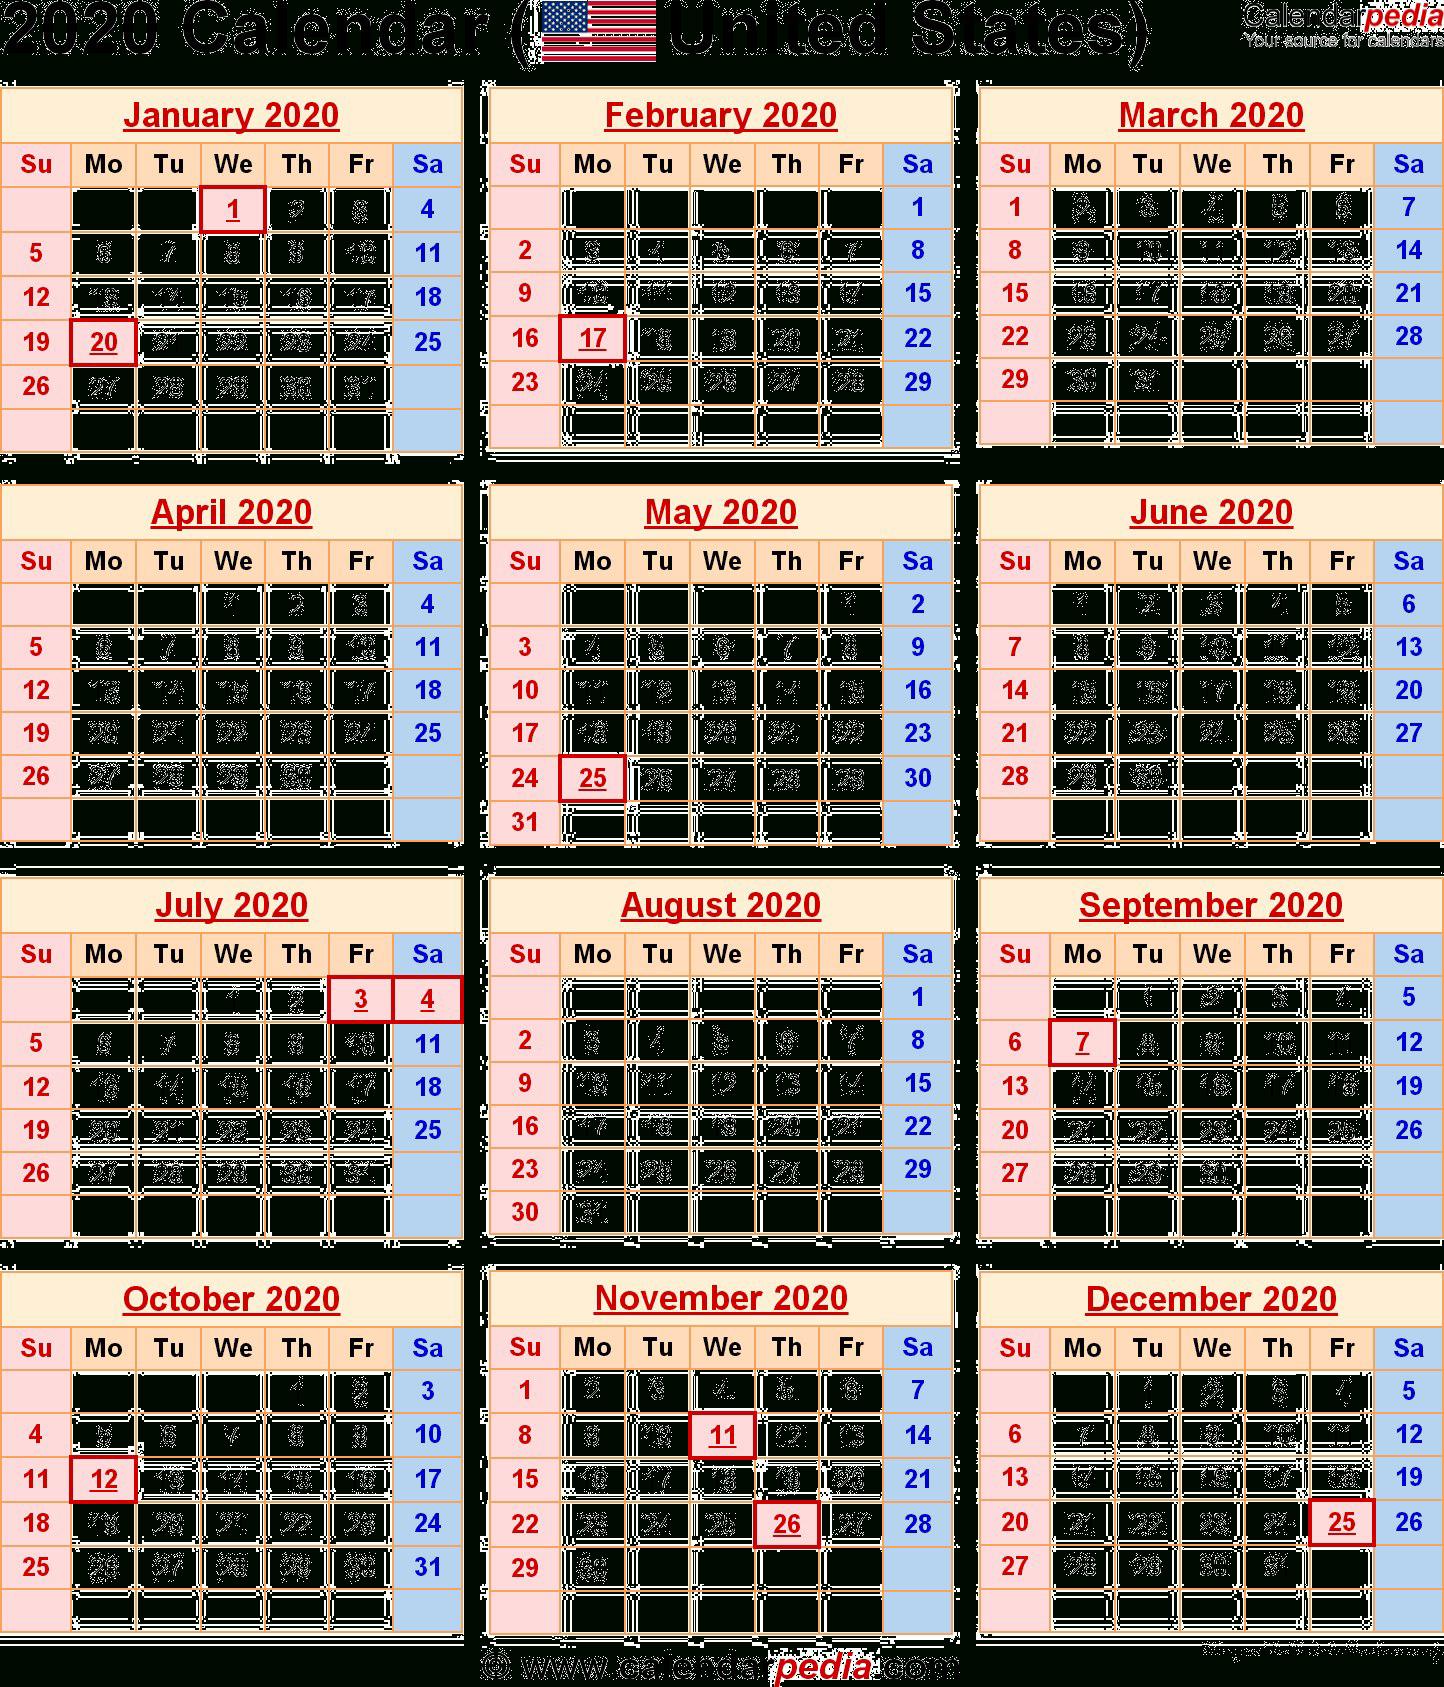 2020 Calendar Png Transparent Images | Png All pertaining to Bihar Sarkar Ka Calendar 2020